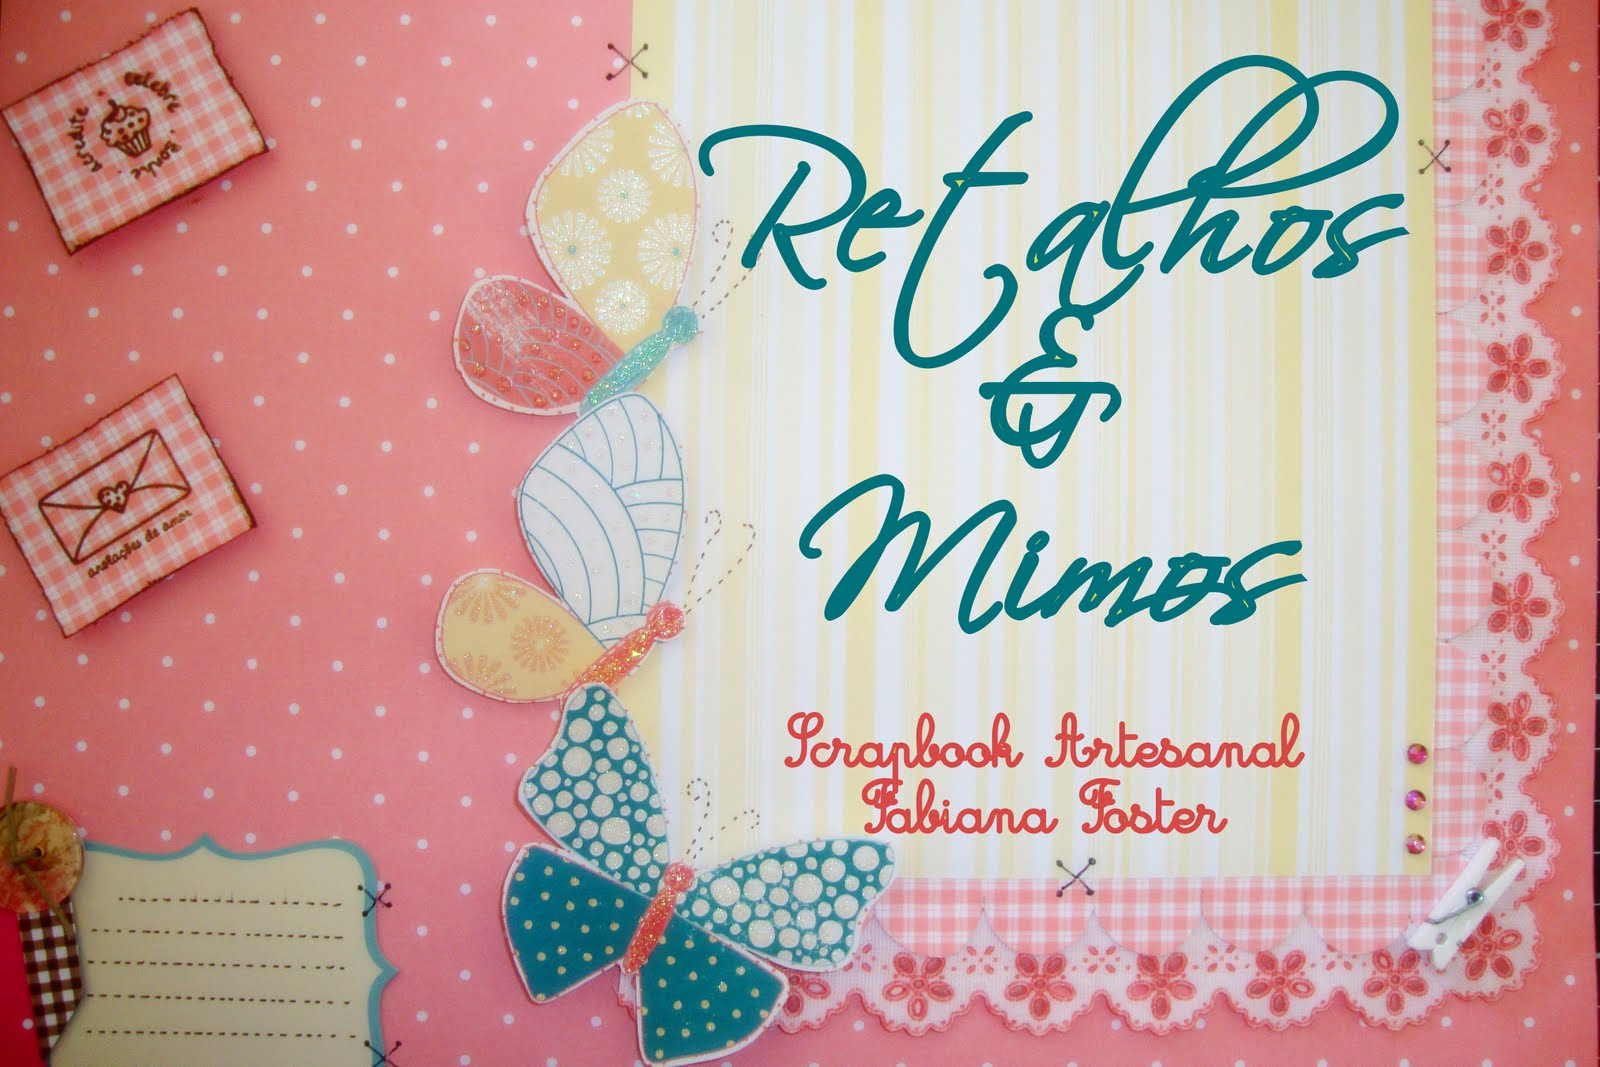 Retalhos & Mimos